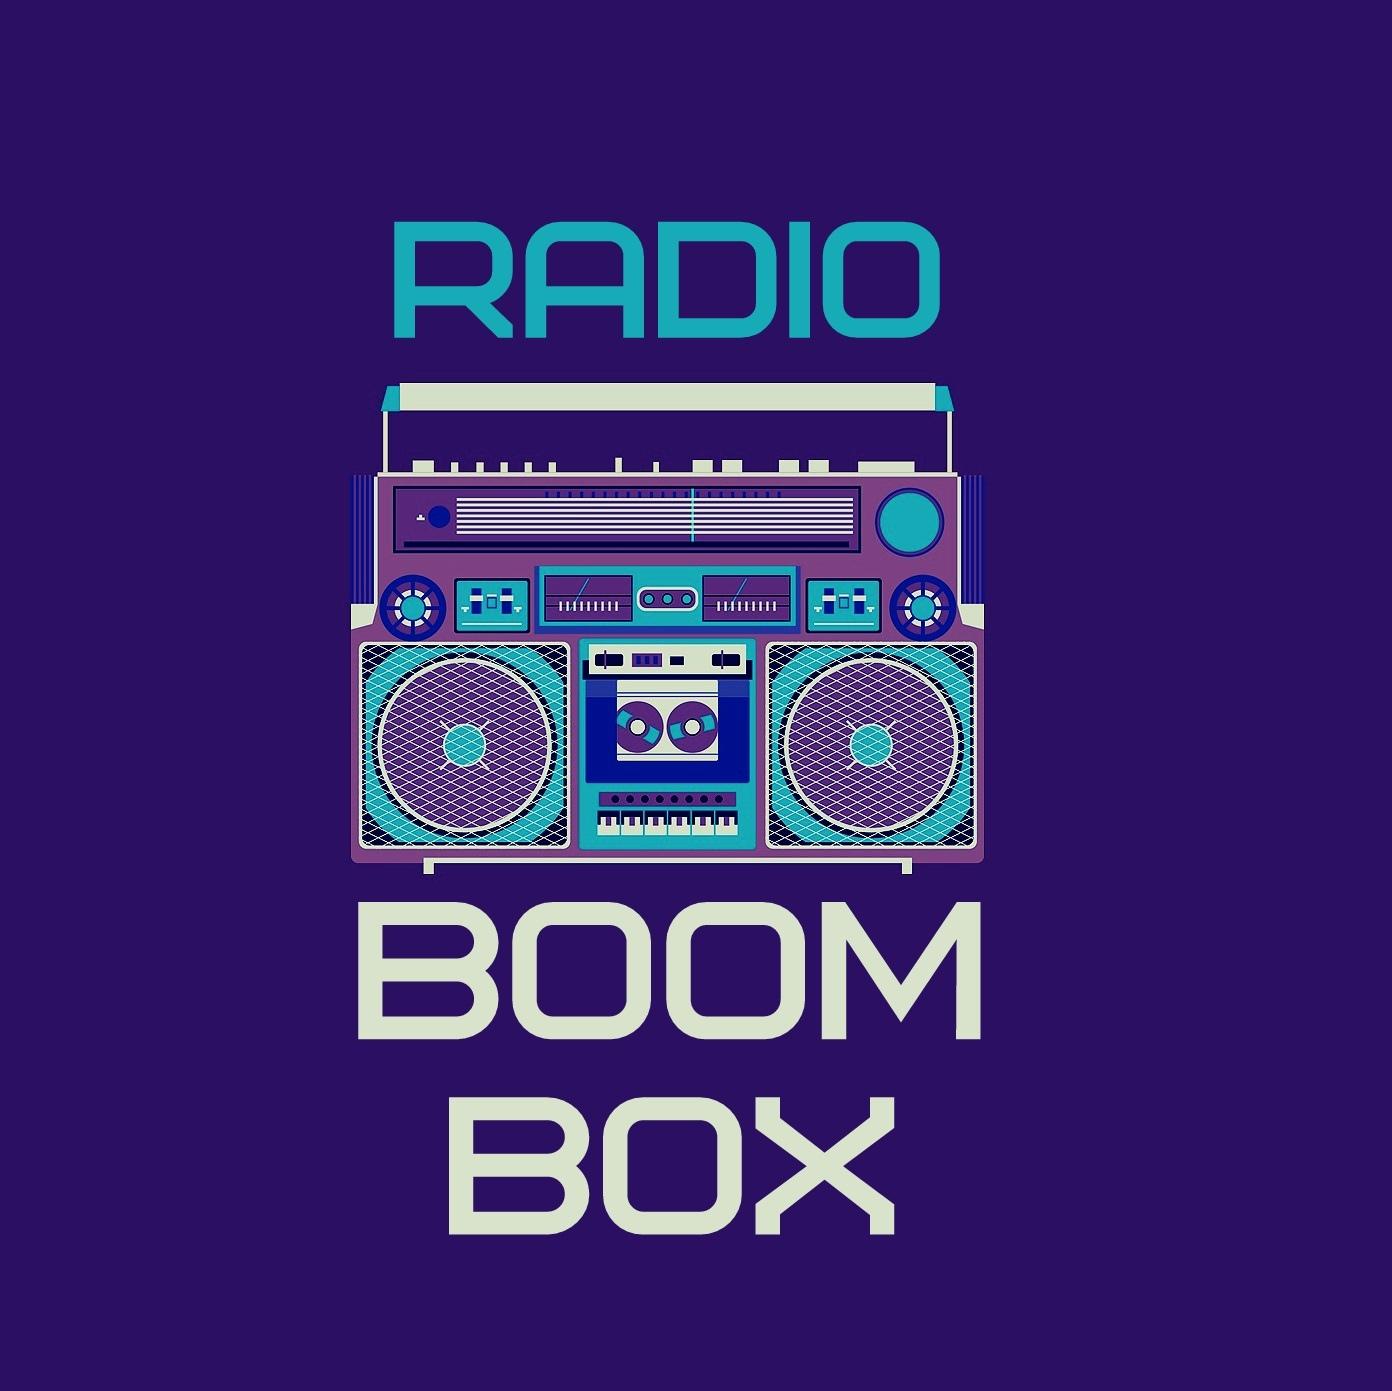 Радио Бумбокс радио Россия, Астрахань